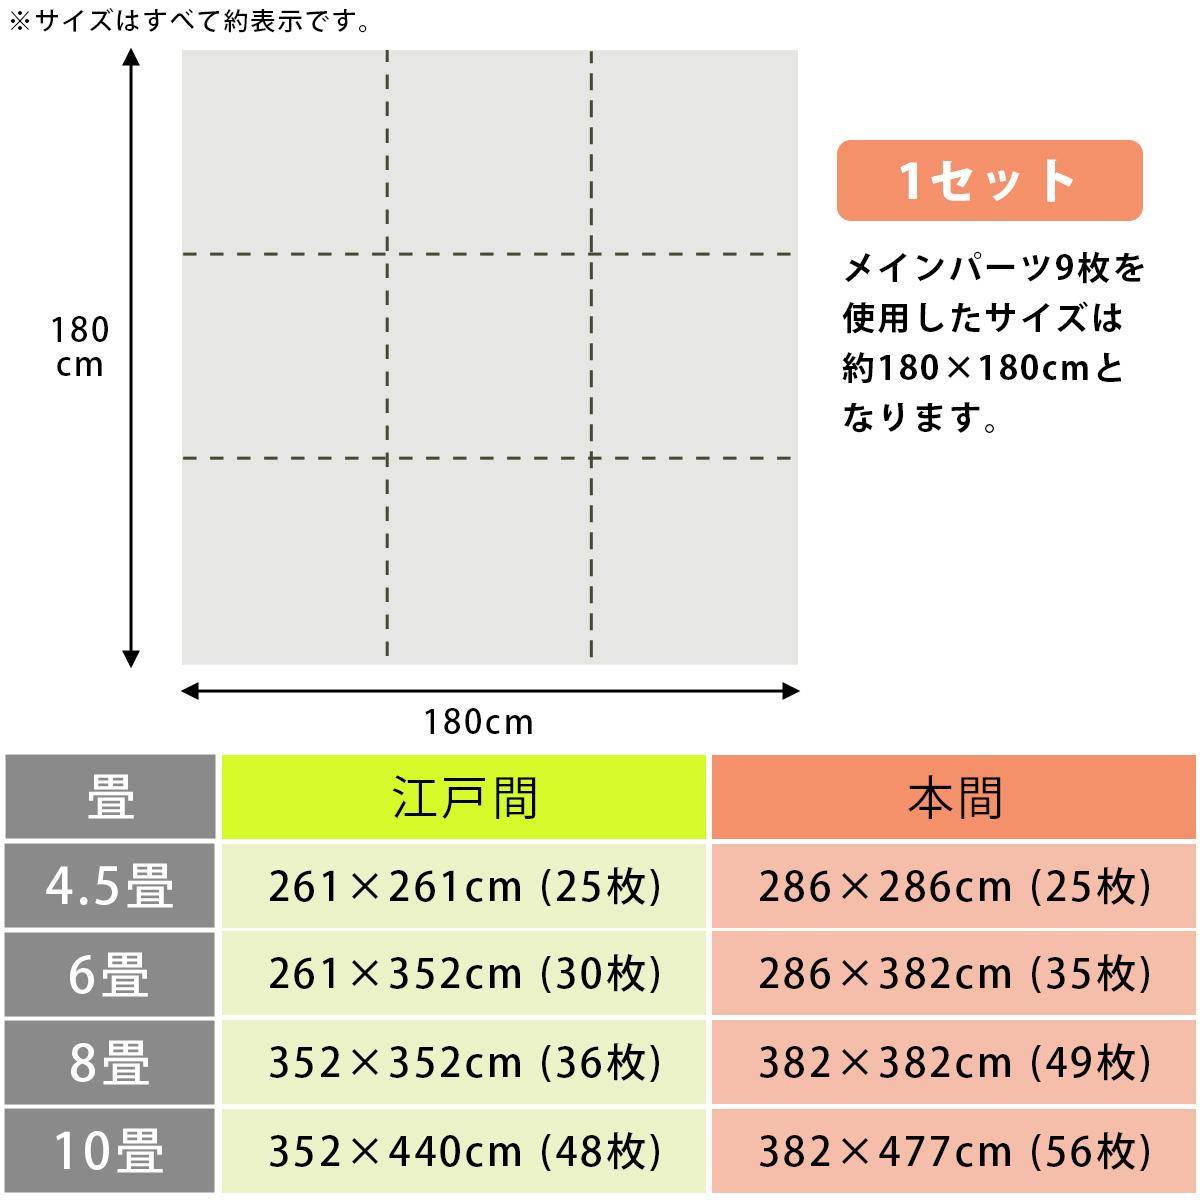 シバルン サイズ表